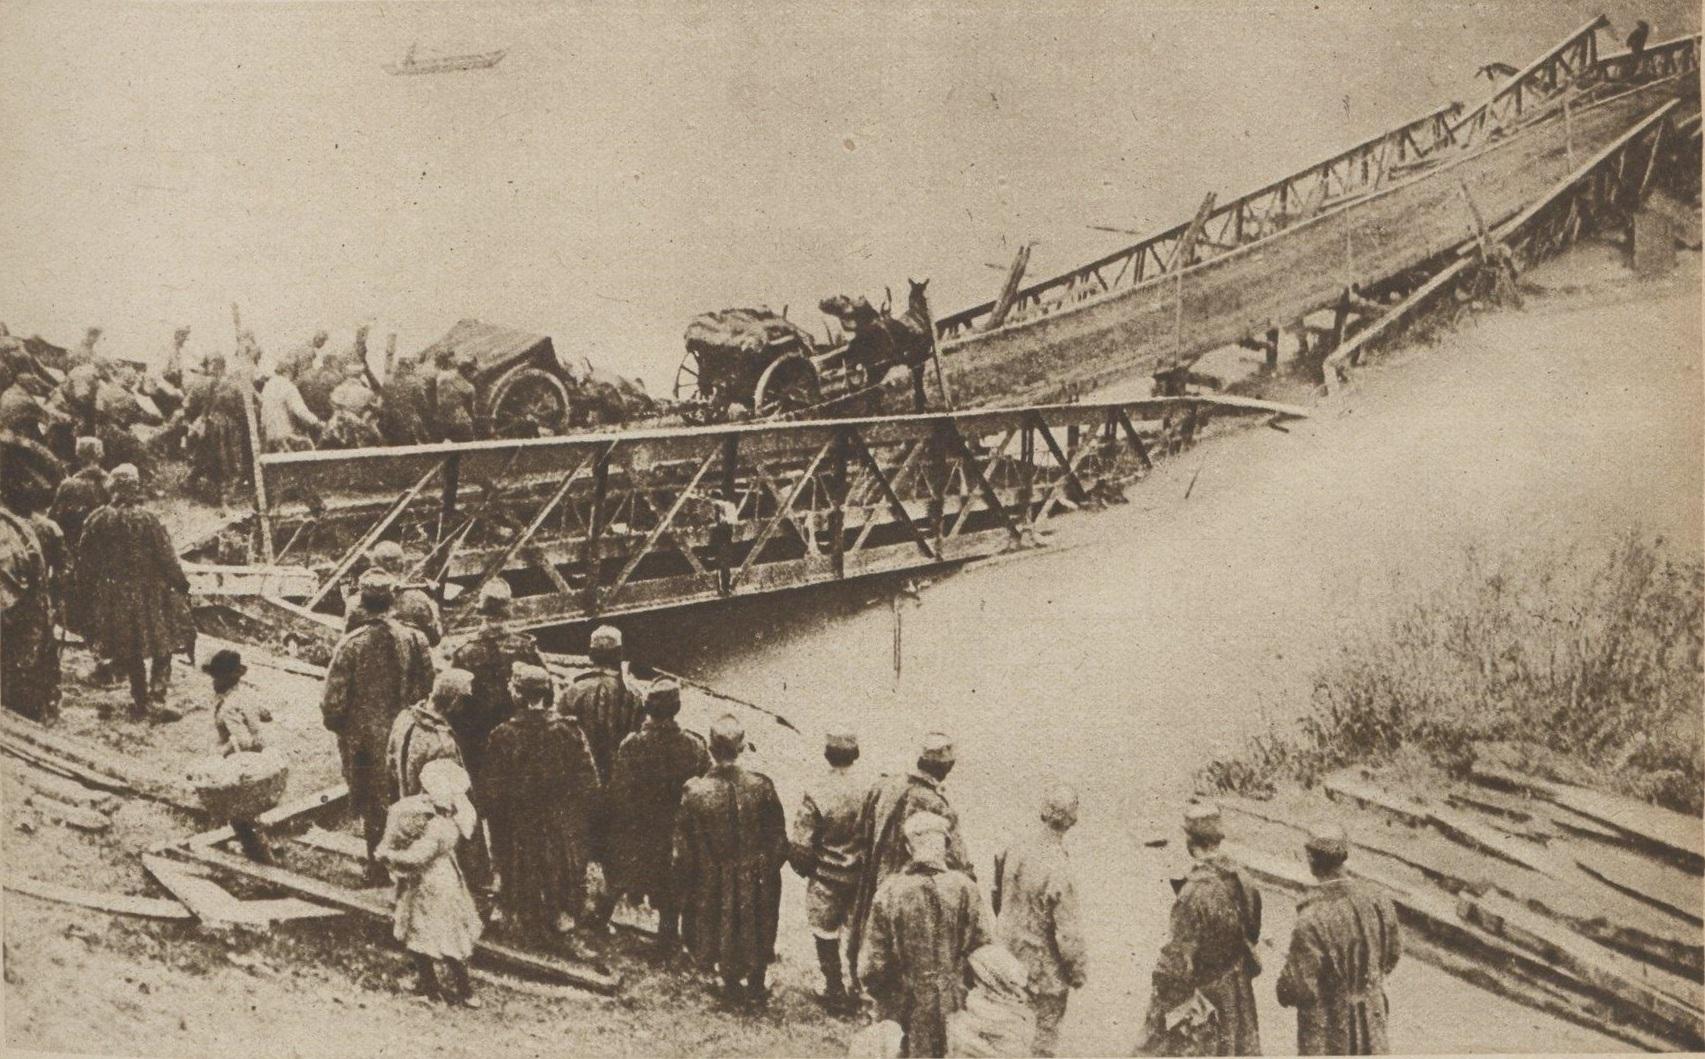 Profughi di Caporetto. Truppe austriache mentre tentano di attraversare il Tagliamento. Decine di migliaia di civili sono da poco fuggiti dal nord-est